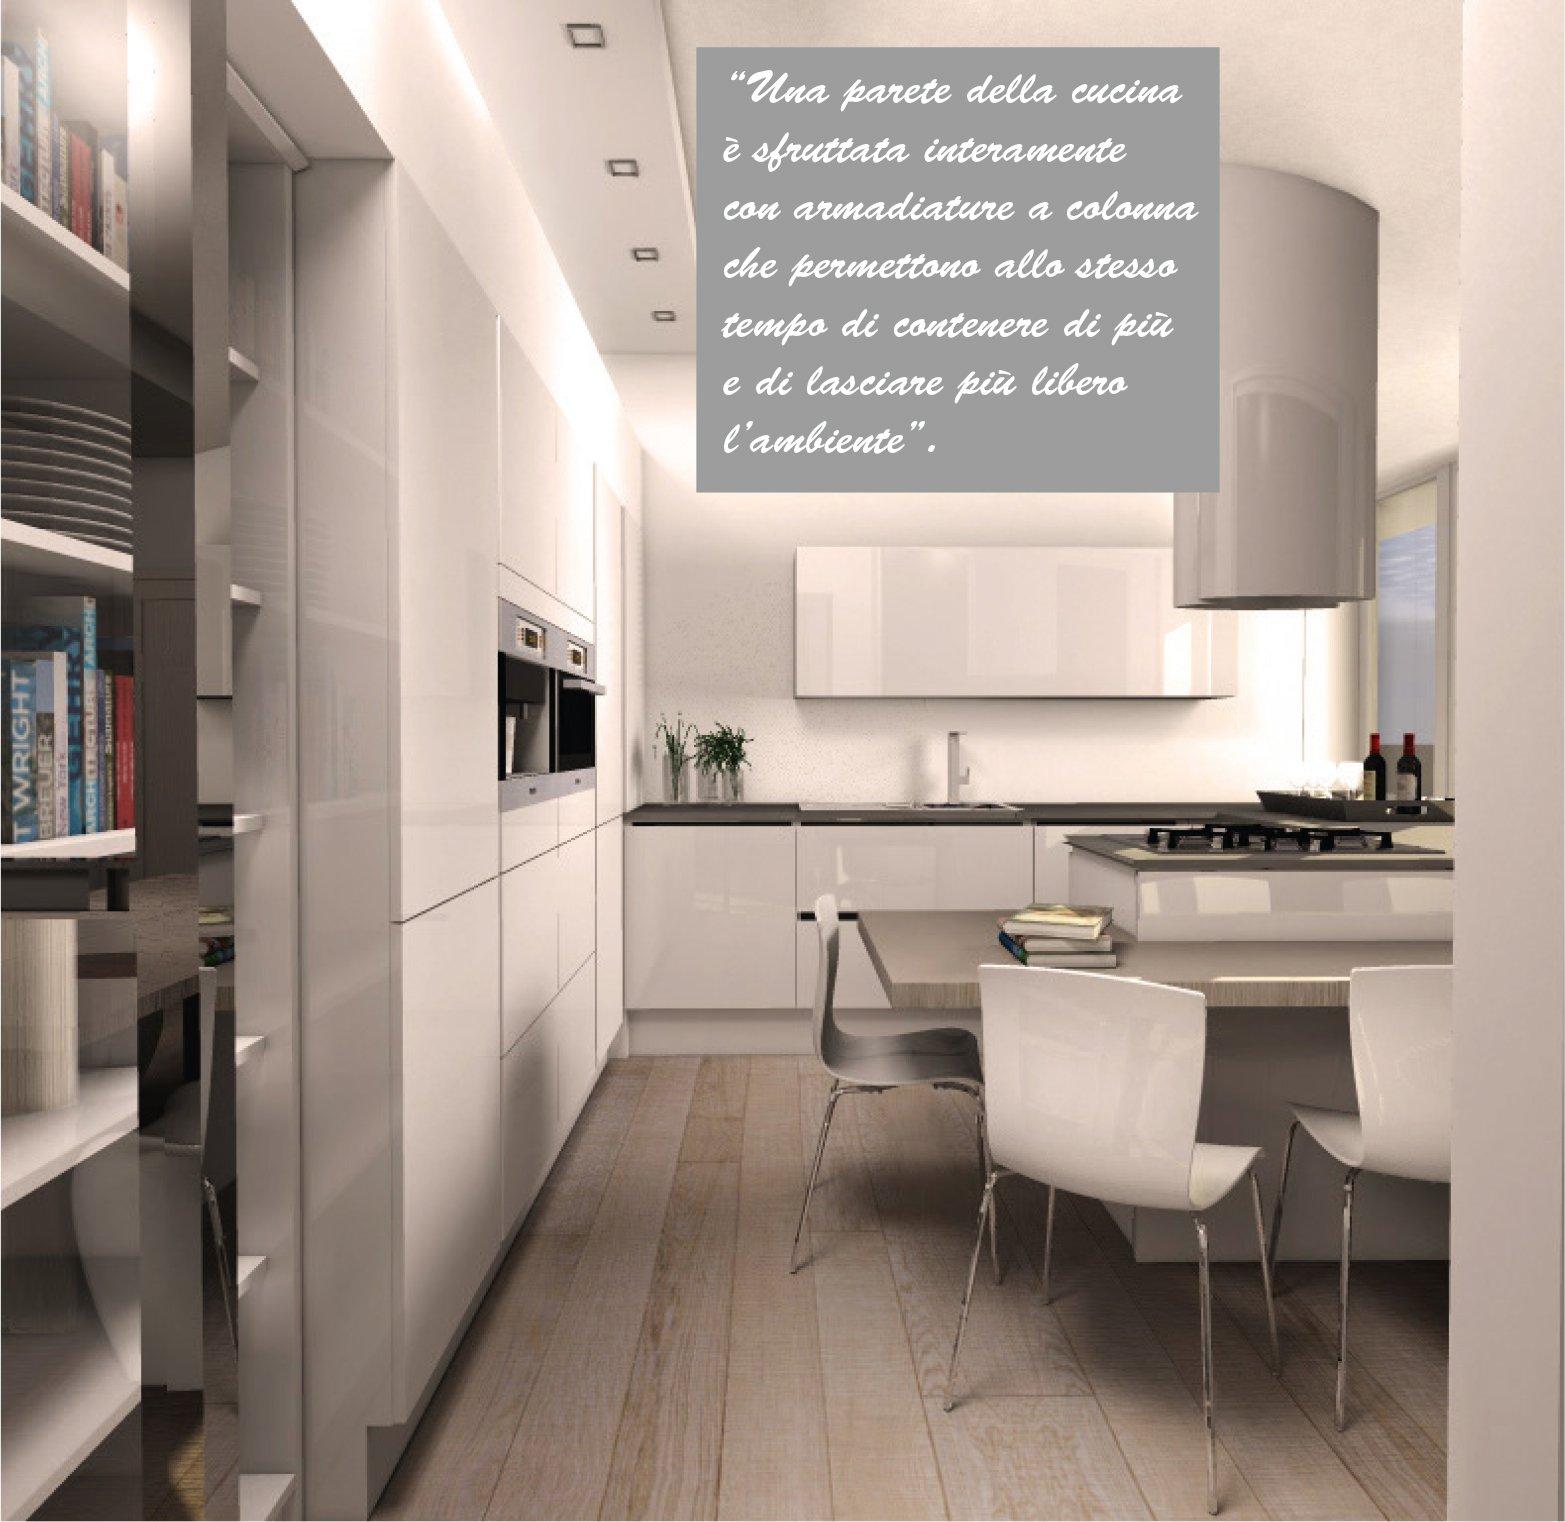 Cucina5 Coffinardi #836048 1565 1522 Virtual Planner Cucina Mondo Convenienza